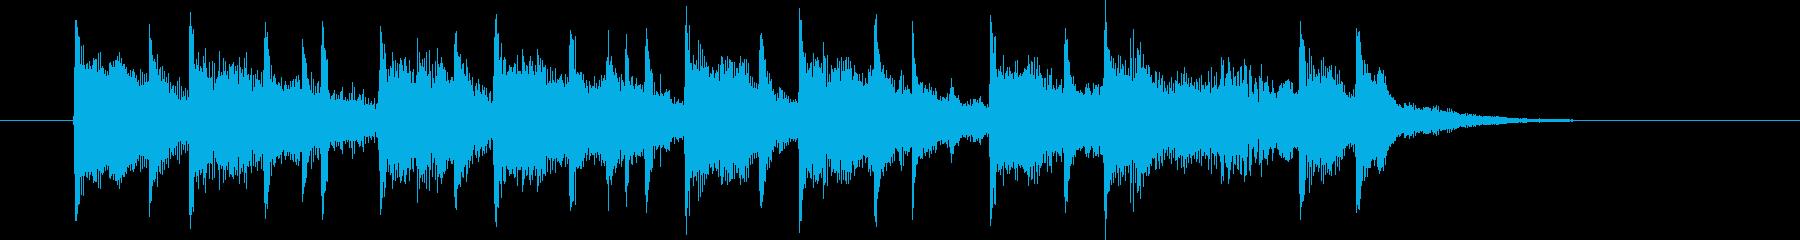 ポップなストリングスミュージックの再生済みの波形